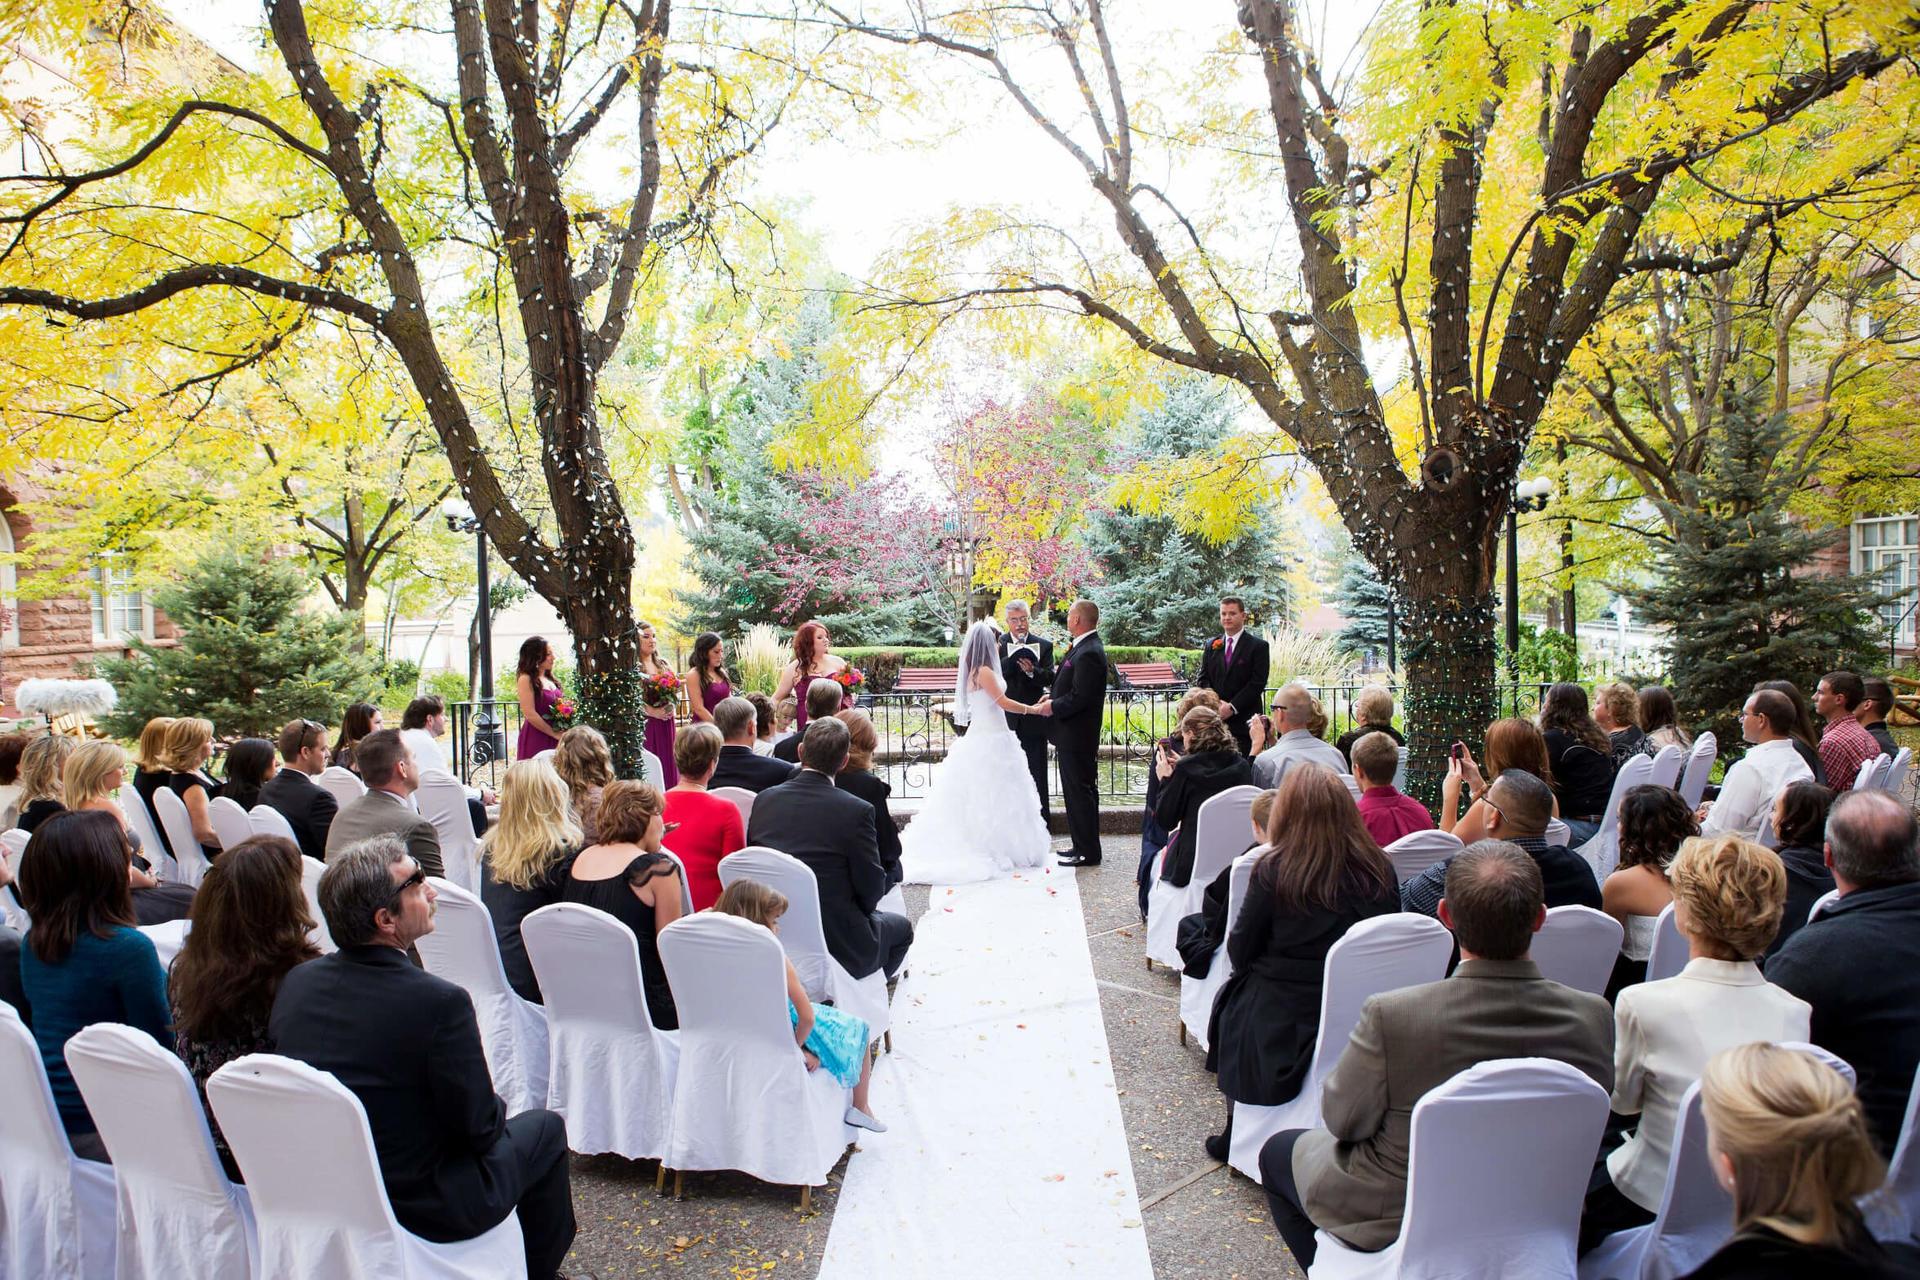 Outdoor wedding ceremony at Hotel Colorado